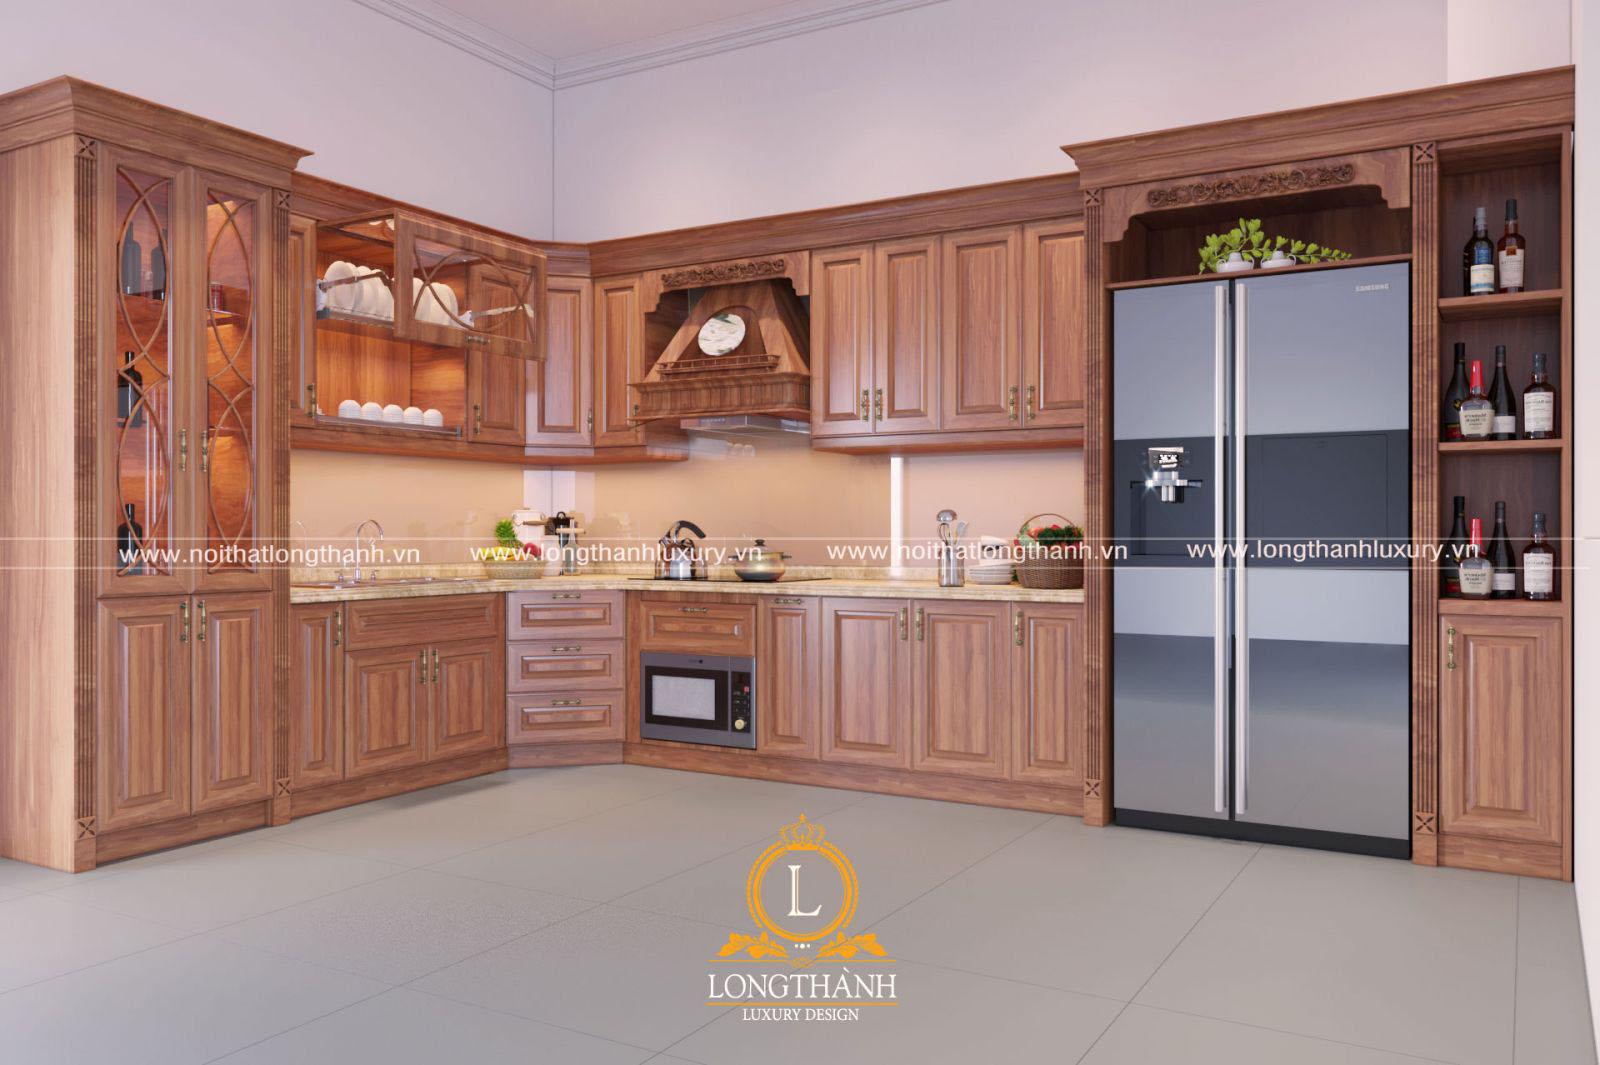 Mẫu tủ bếp làm từ chất liệu gỗ Gõ đỏ Nam Phi màu sắc sắc nét